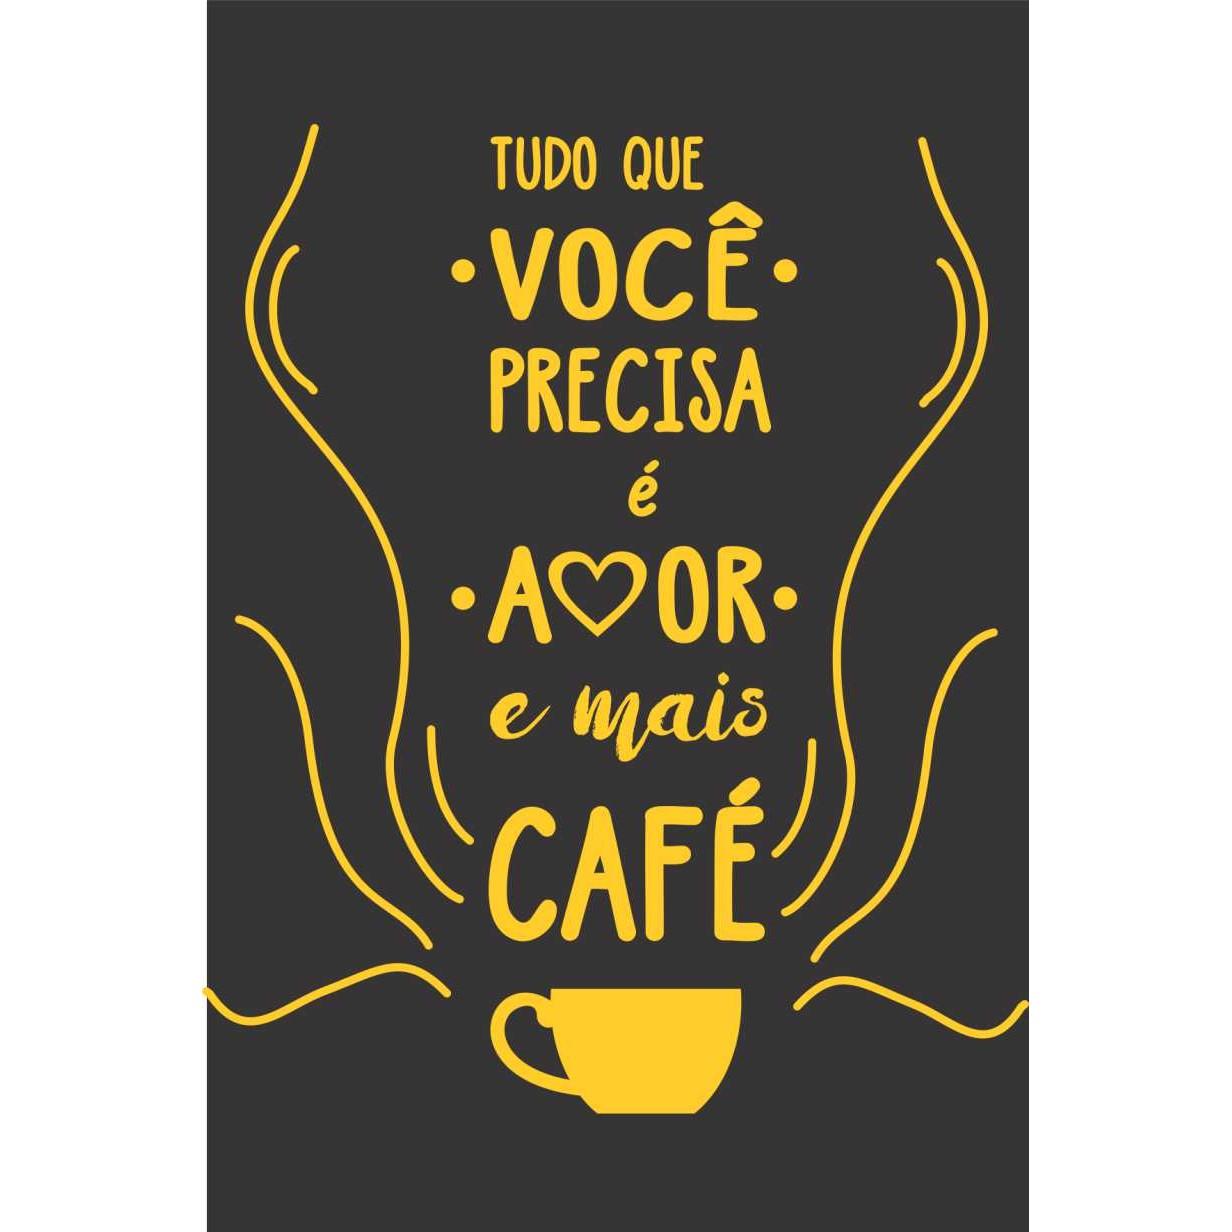 Placa Decorativa em MDF 30x20cm Cafe 67993 - Kapos